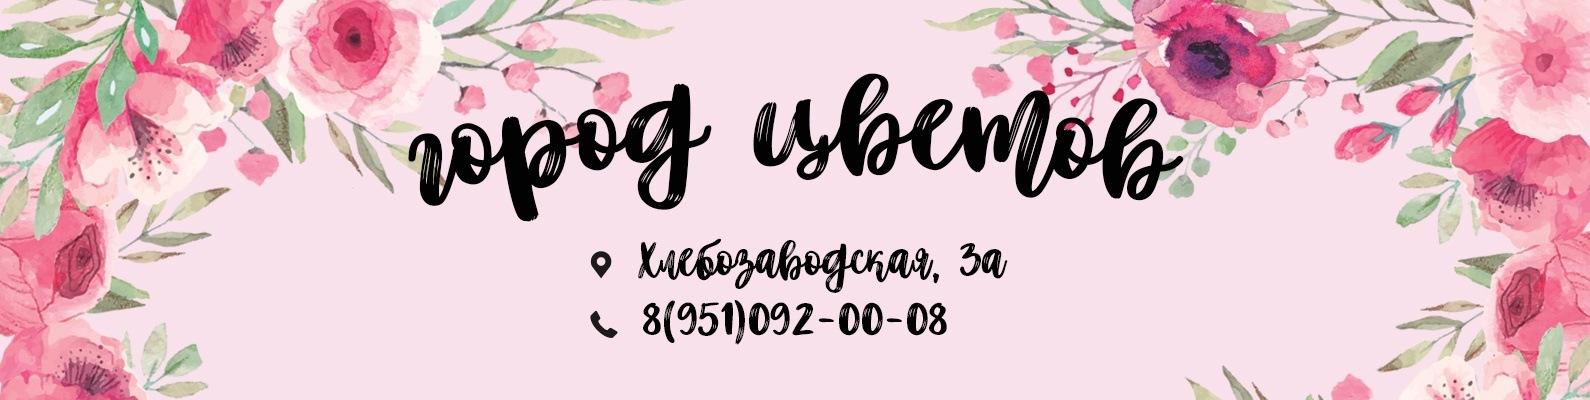 Оптовая база цветов в ульяновске новый город #6